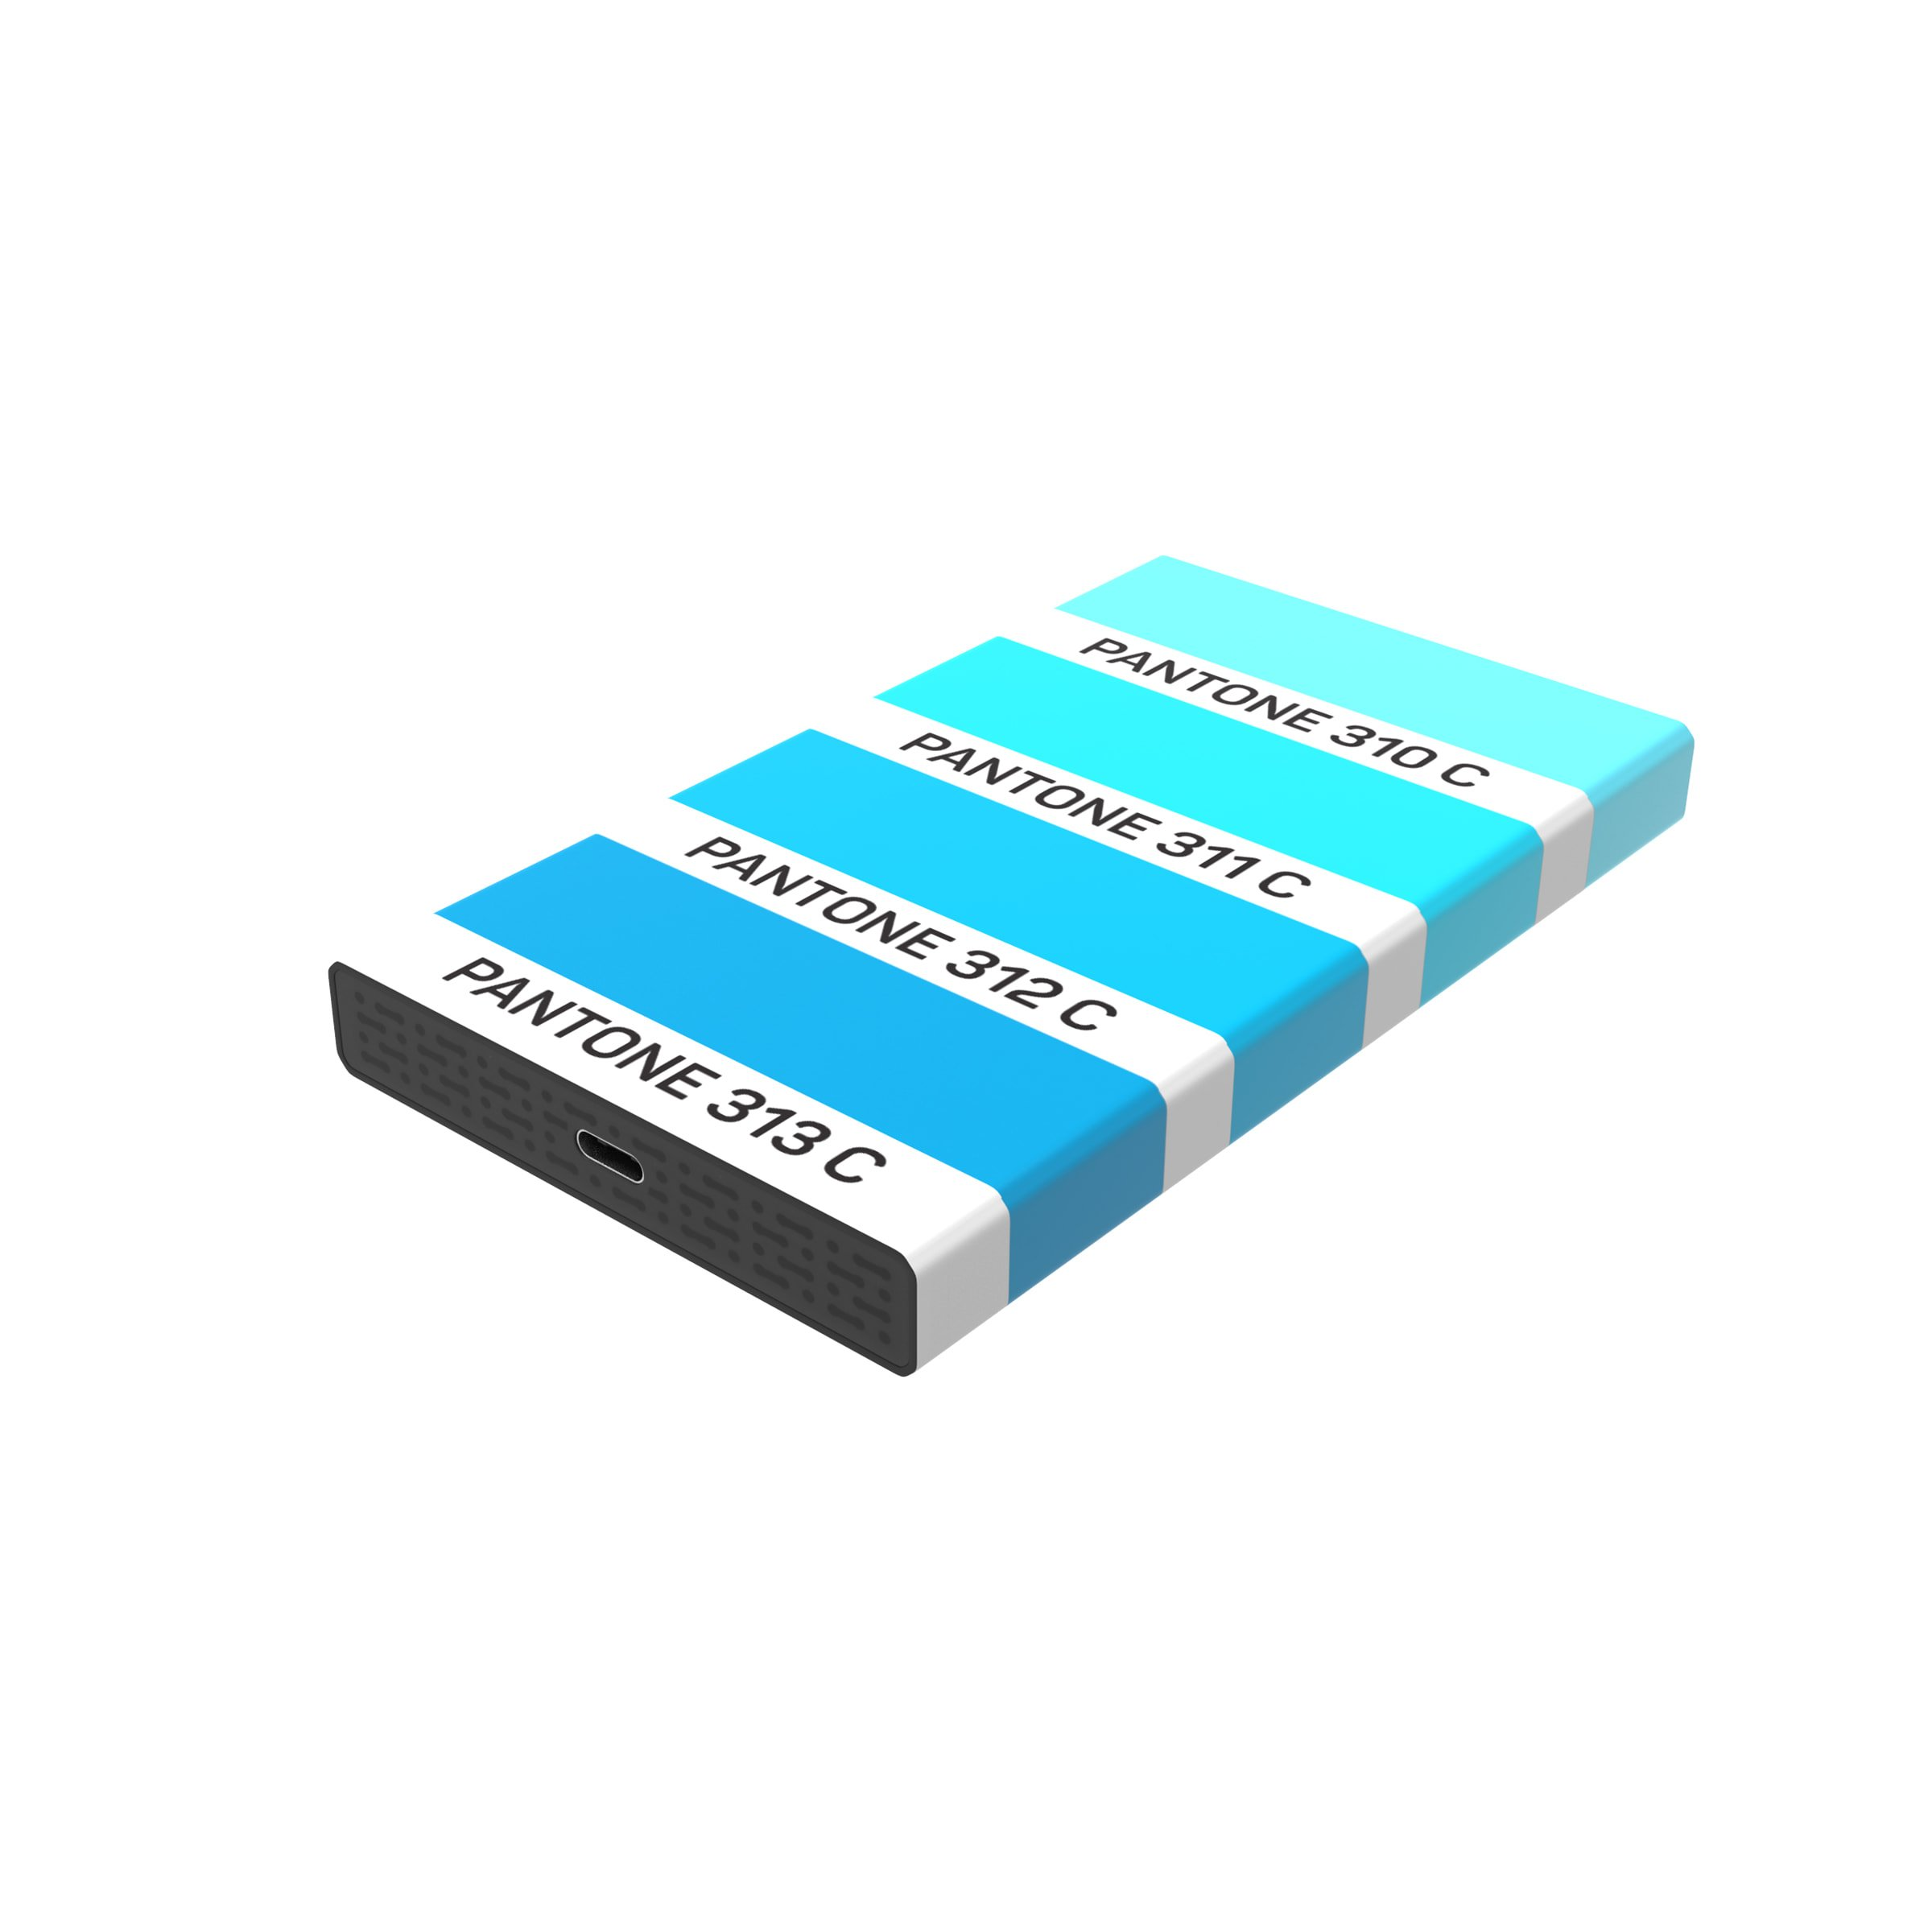 DN White Lake Pro External SSD 120 GB